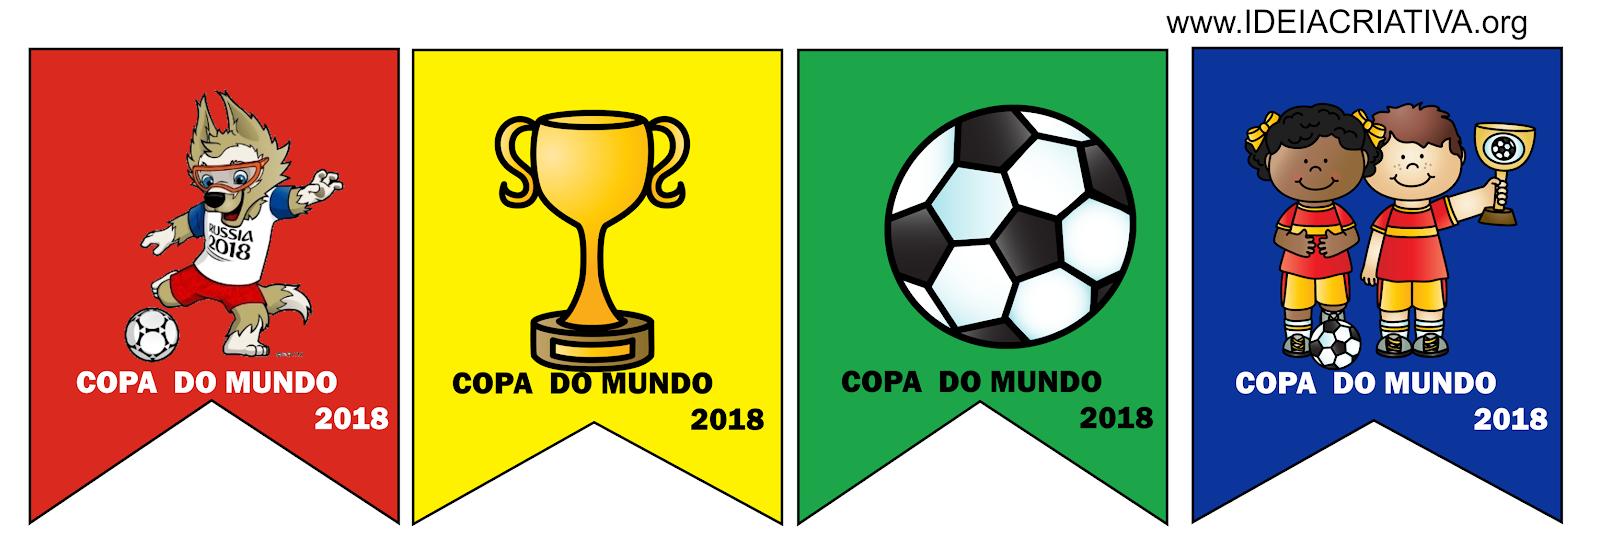 Copa Junina Bandeirolas Para Imprimir Com Figuras De Futebol Ideia